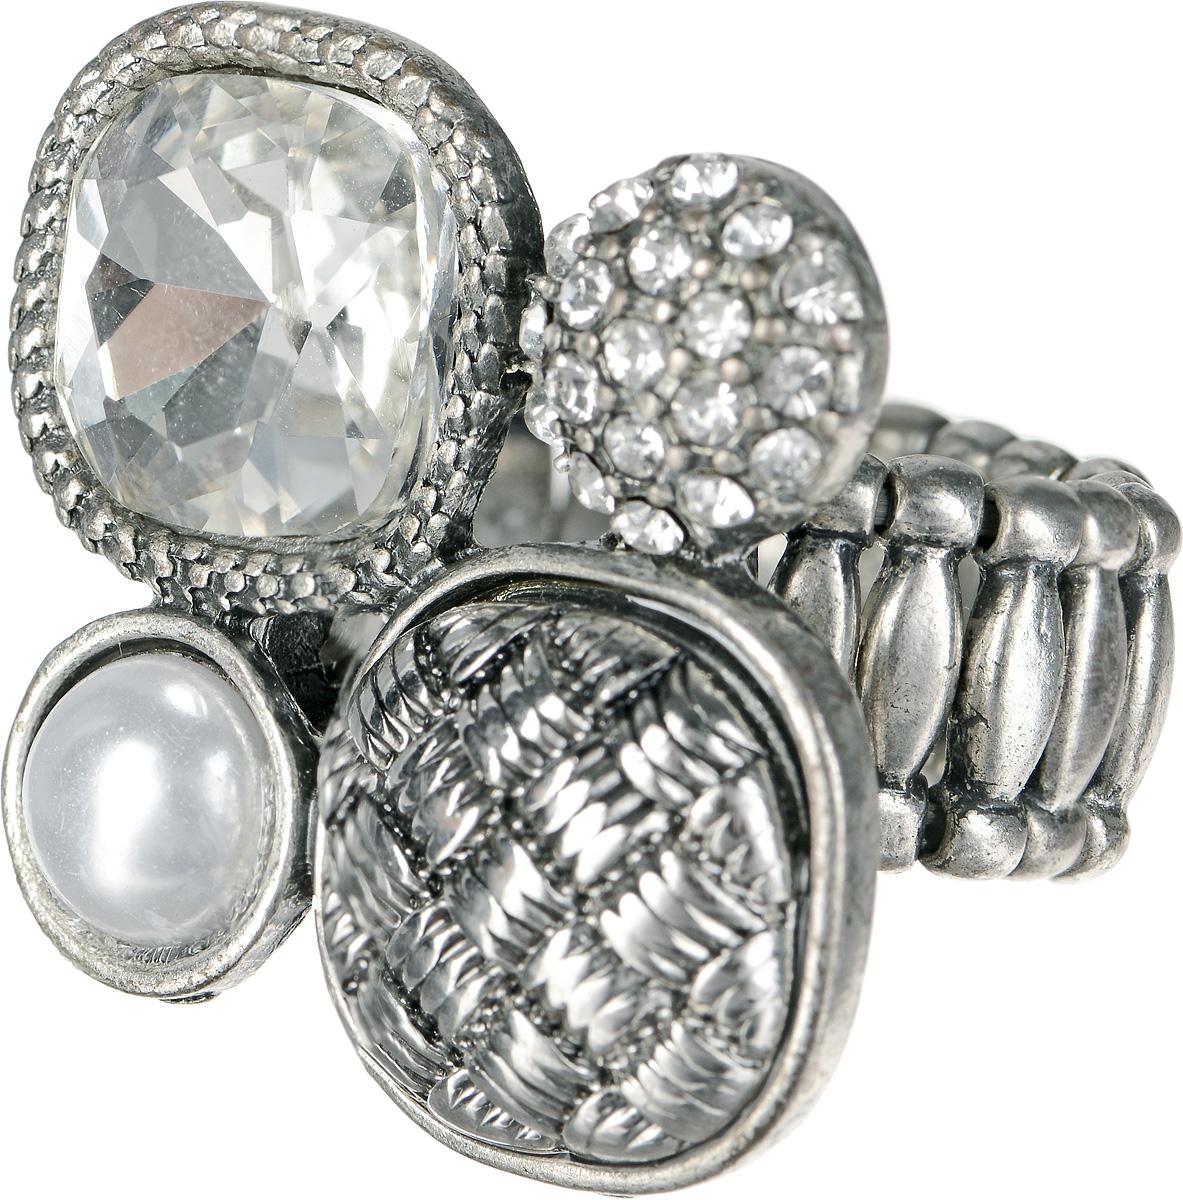 Кольцо Taya, цвет: серебристый. T-B-1191Коктейльное кольцоКольцо Taya выполнено из бижутерийного сплава и оформлено оригинальным декоративным элементом, который дополнен стразами, граненым камнем и перламутровой полубусиной.Эластичная резинка, которая дополняет основание изделия, делает размер кольца универсальным.Элегантное кольцо Taya выгодно подчеркнет изящество, женственность и красоту своей обладательницы.